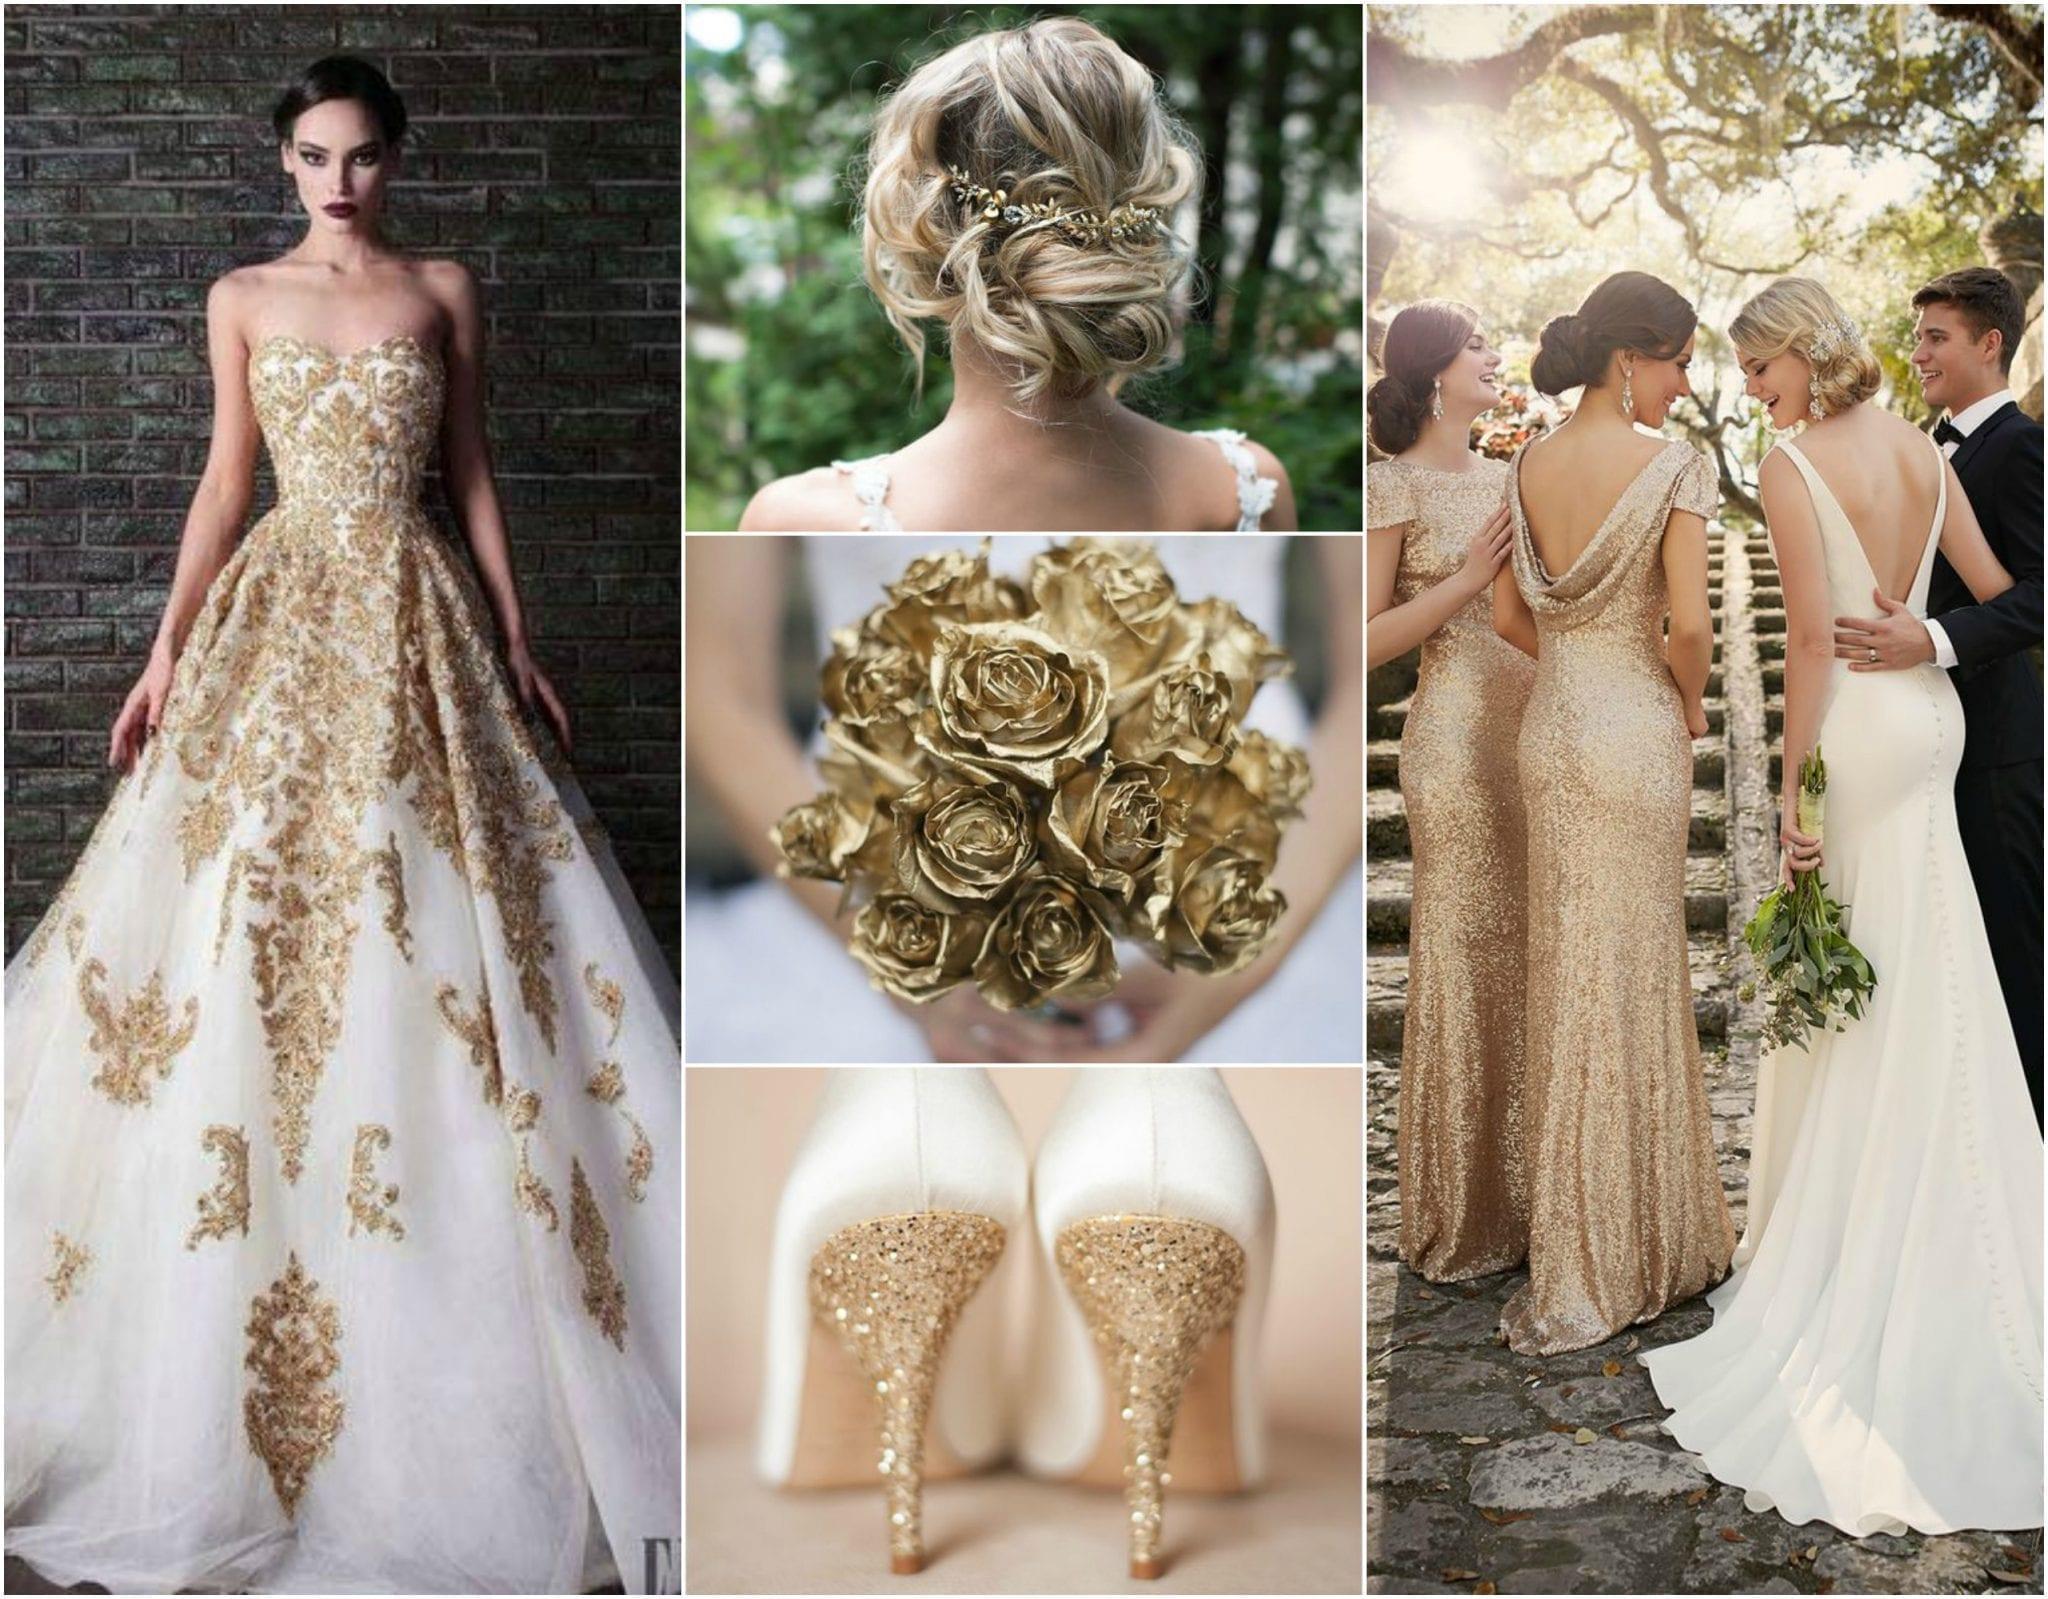 Wedding Mood Board: Gold wedding ideas